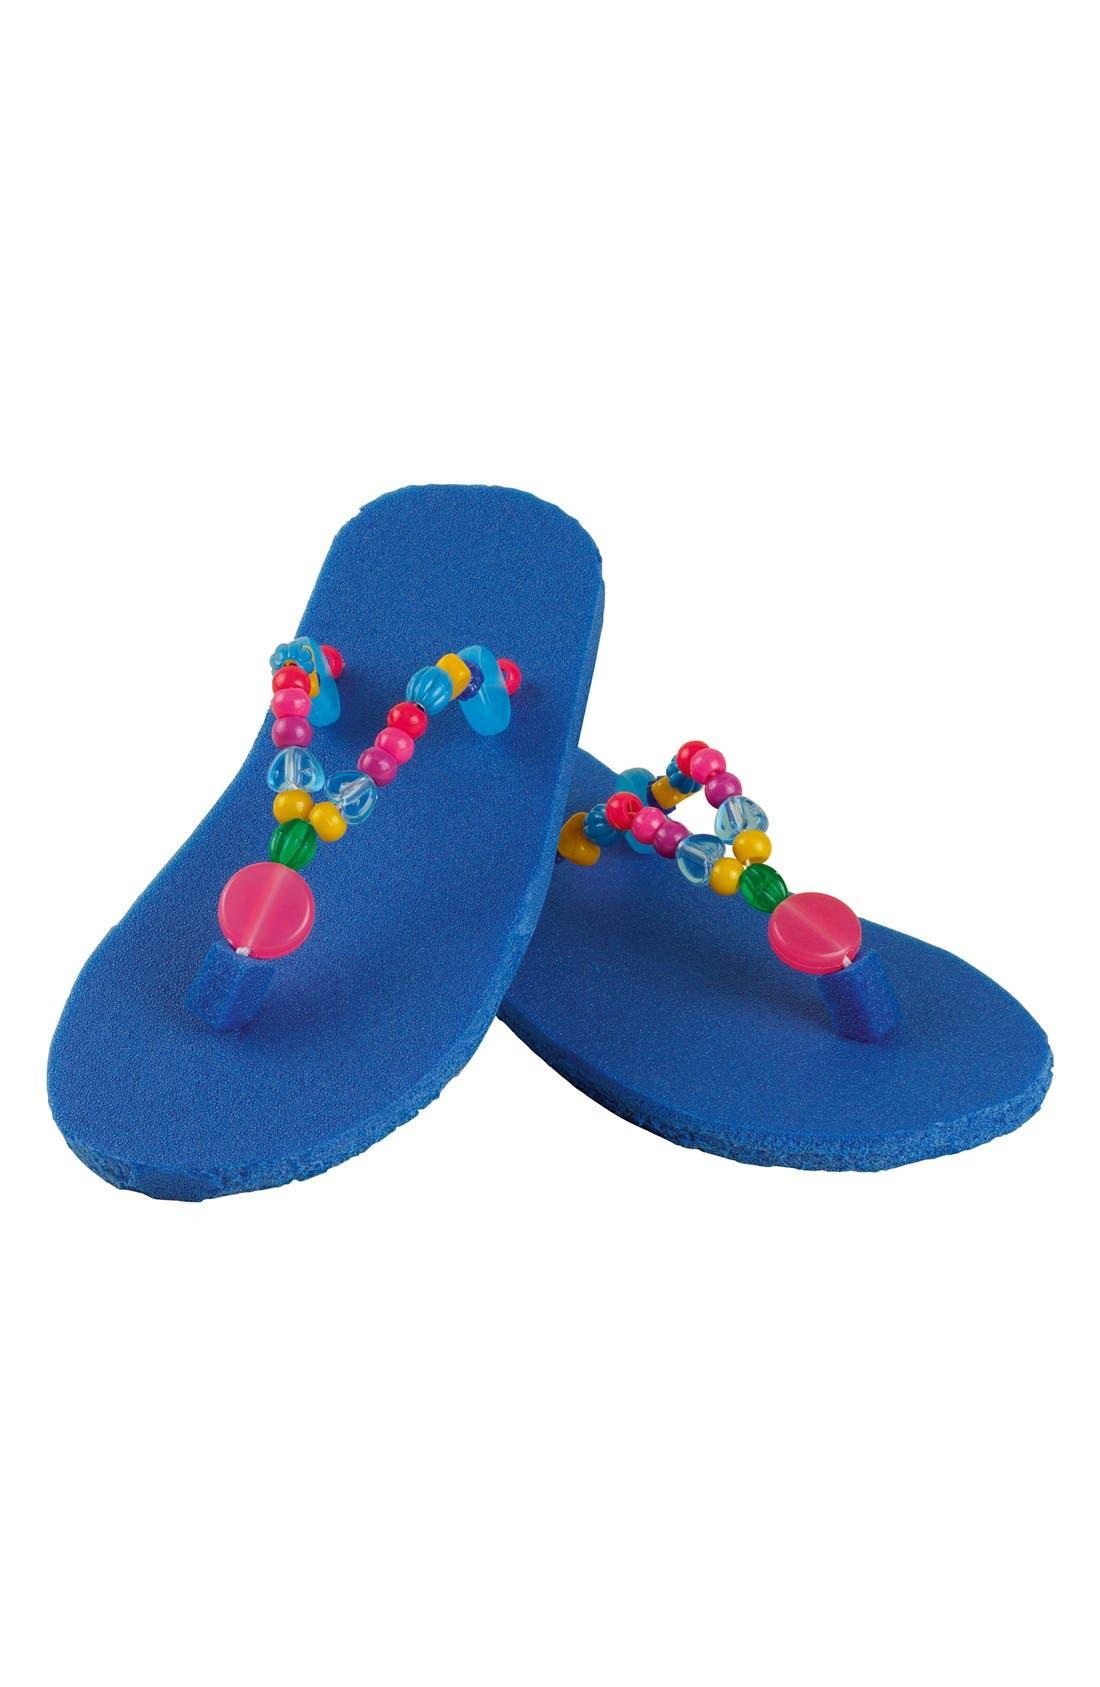 'Flip-Flop Bead Party' Kit,                             Alternate thumbnail 2, color,                             000